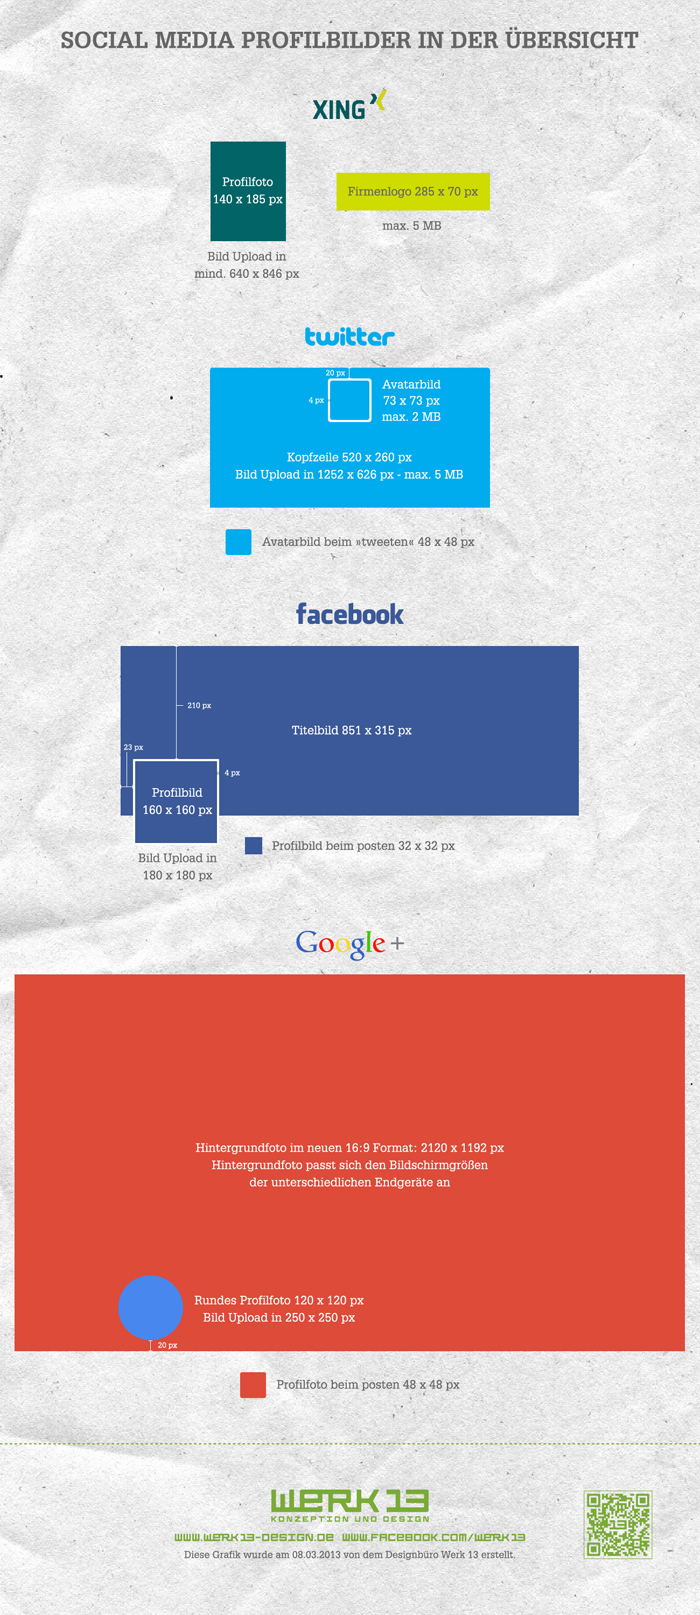 social media_profilbilder größe_uebersicht